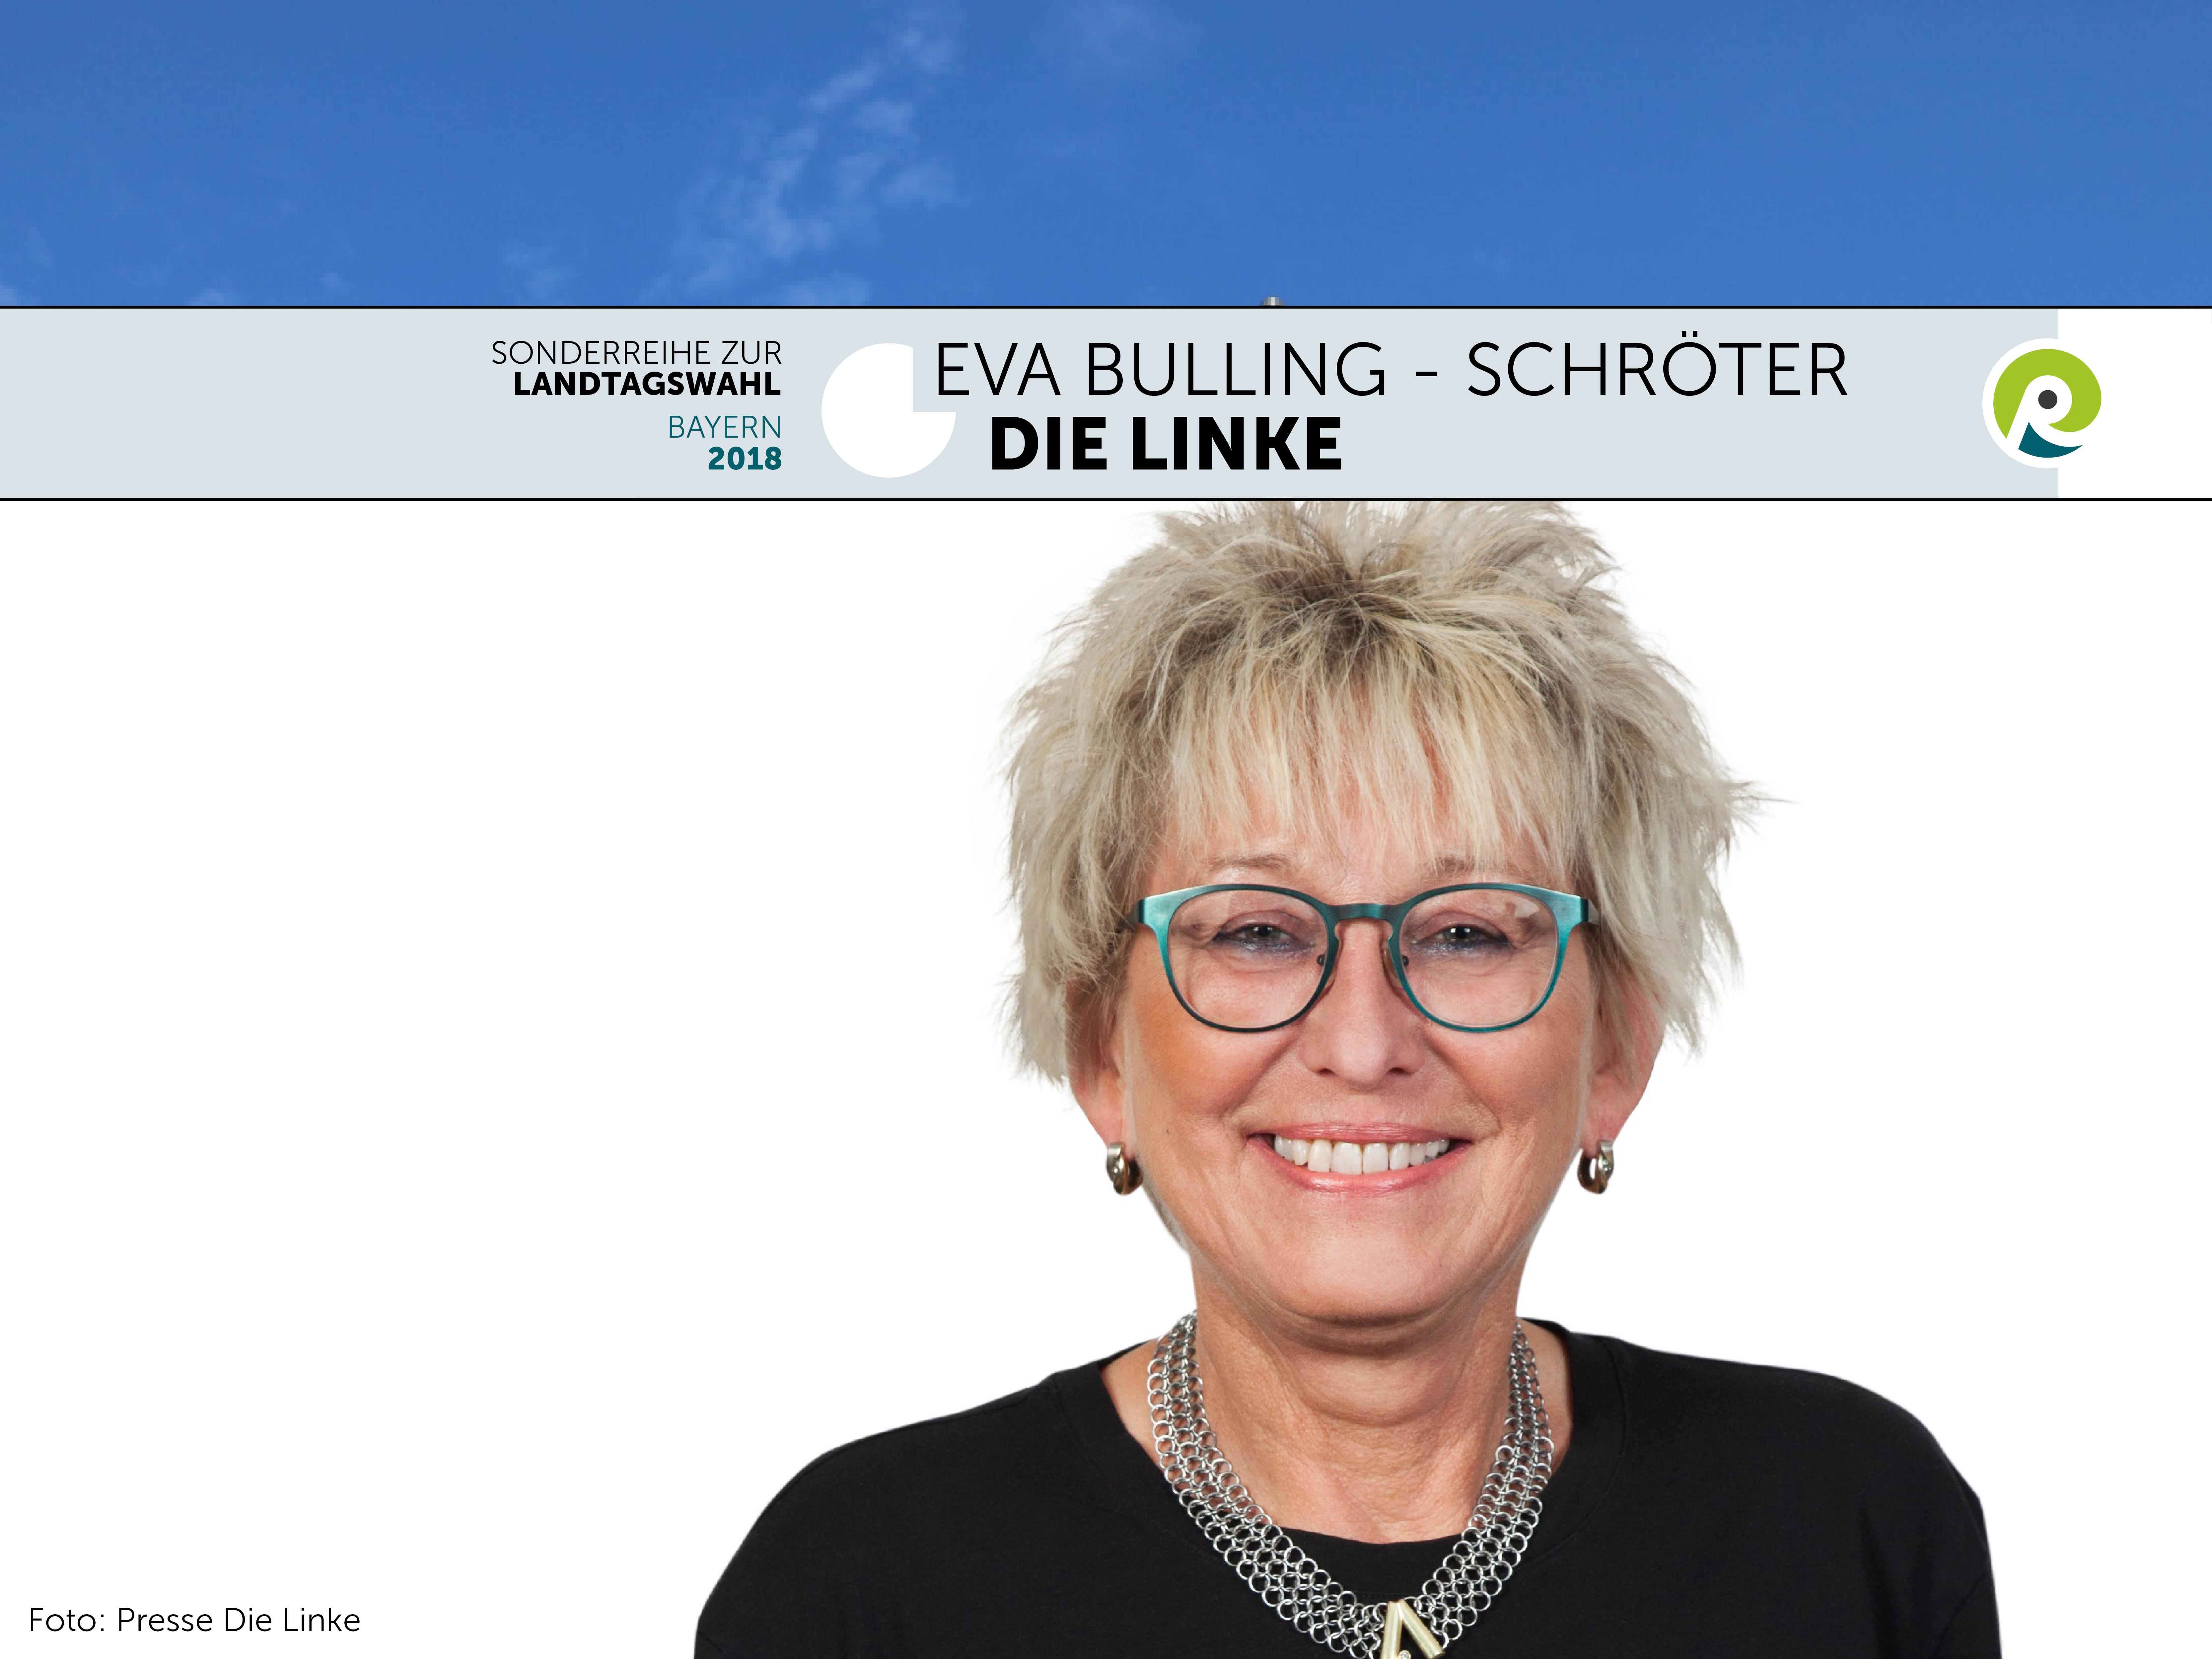 Eva Bulling-Schröter als Spitzenkandidatin für die Linke bei der bayrischen Landtagswahl 2018.